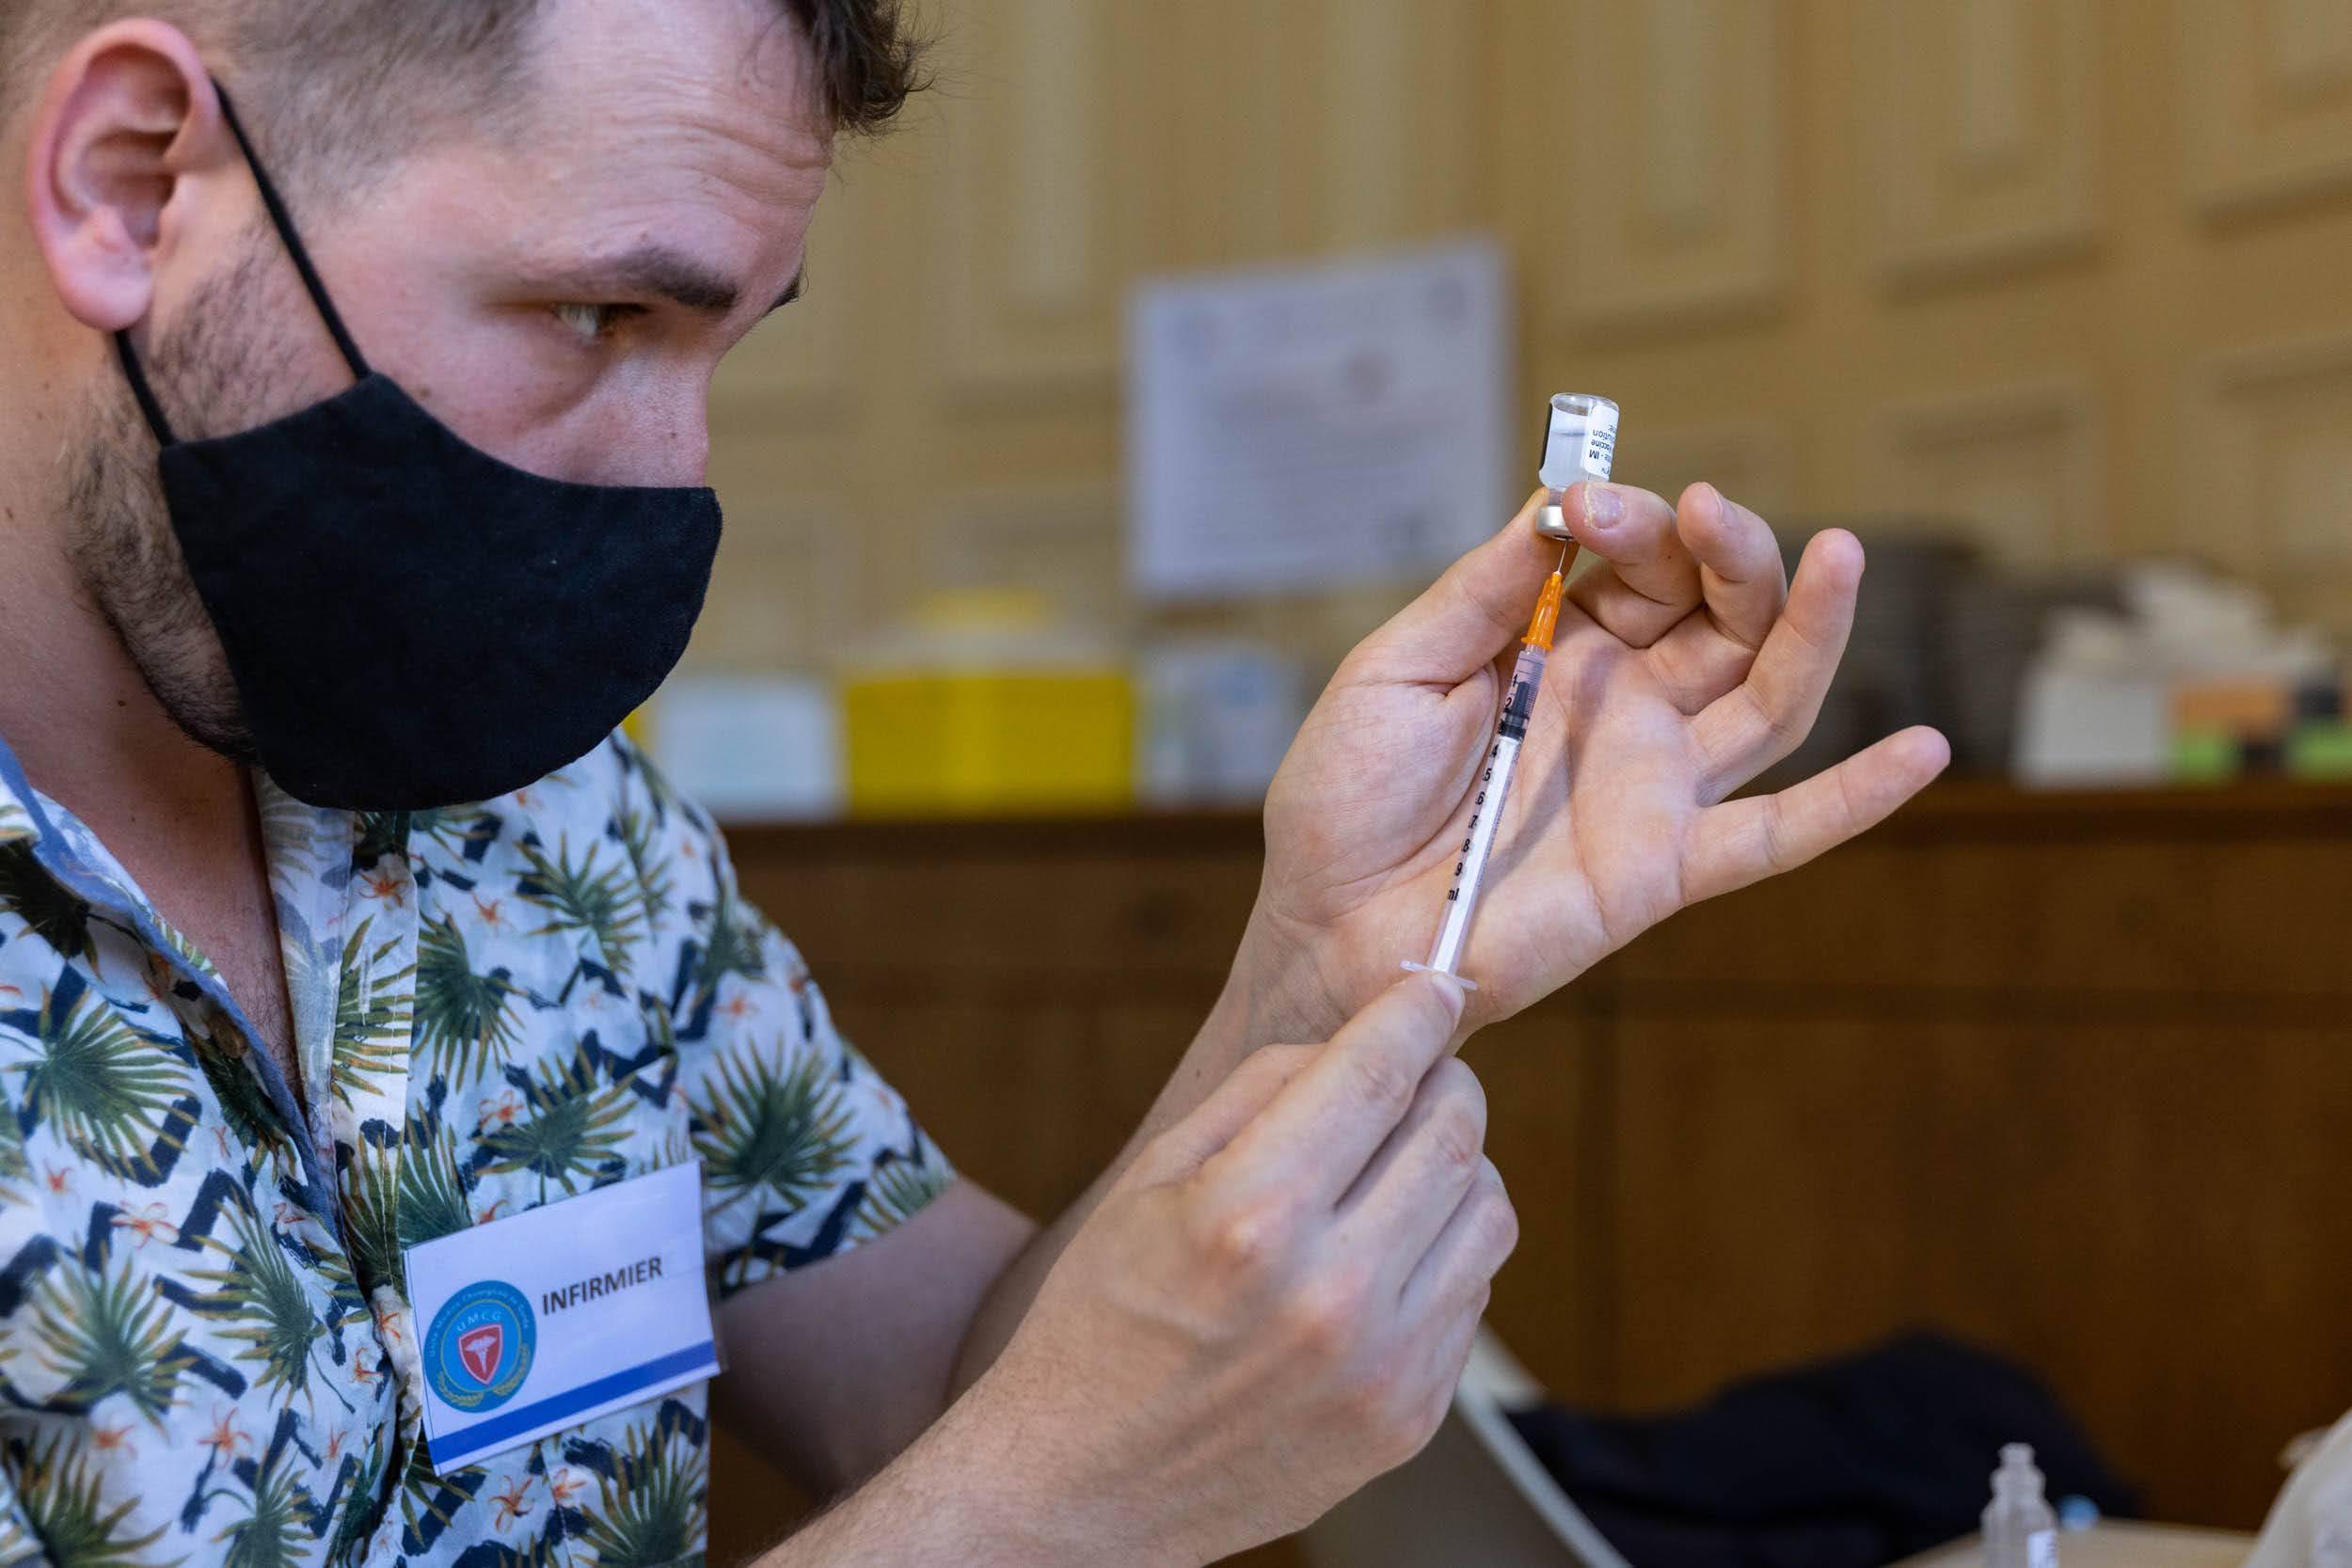 Centre de vaccination Covid-19 du 13e (Mairie du 13).